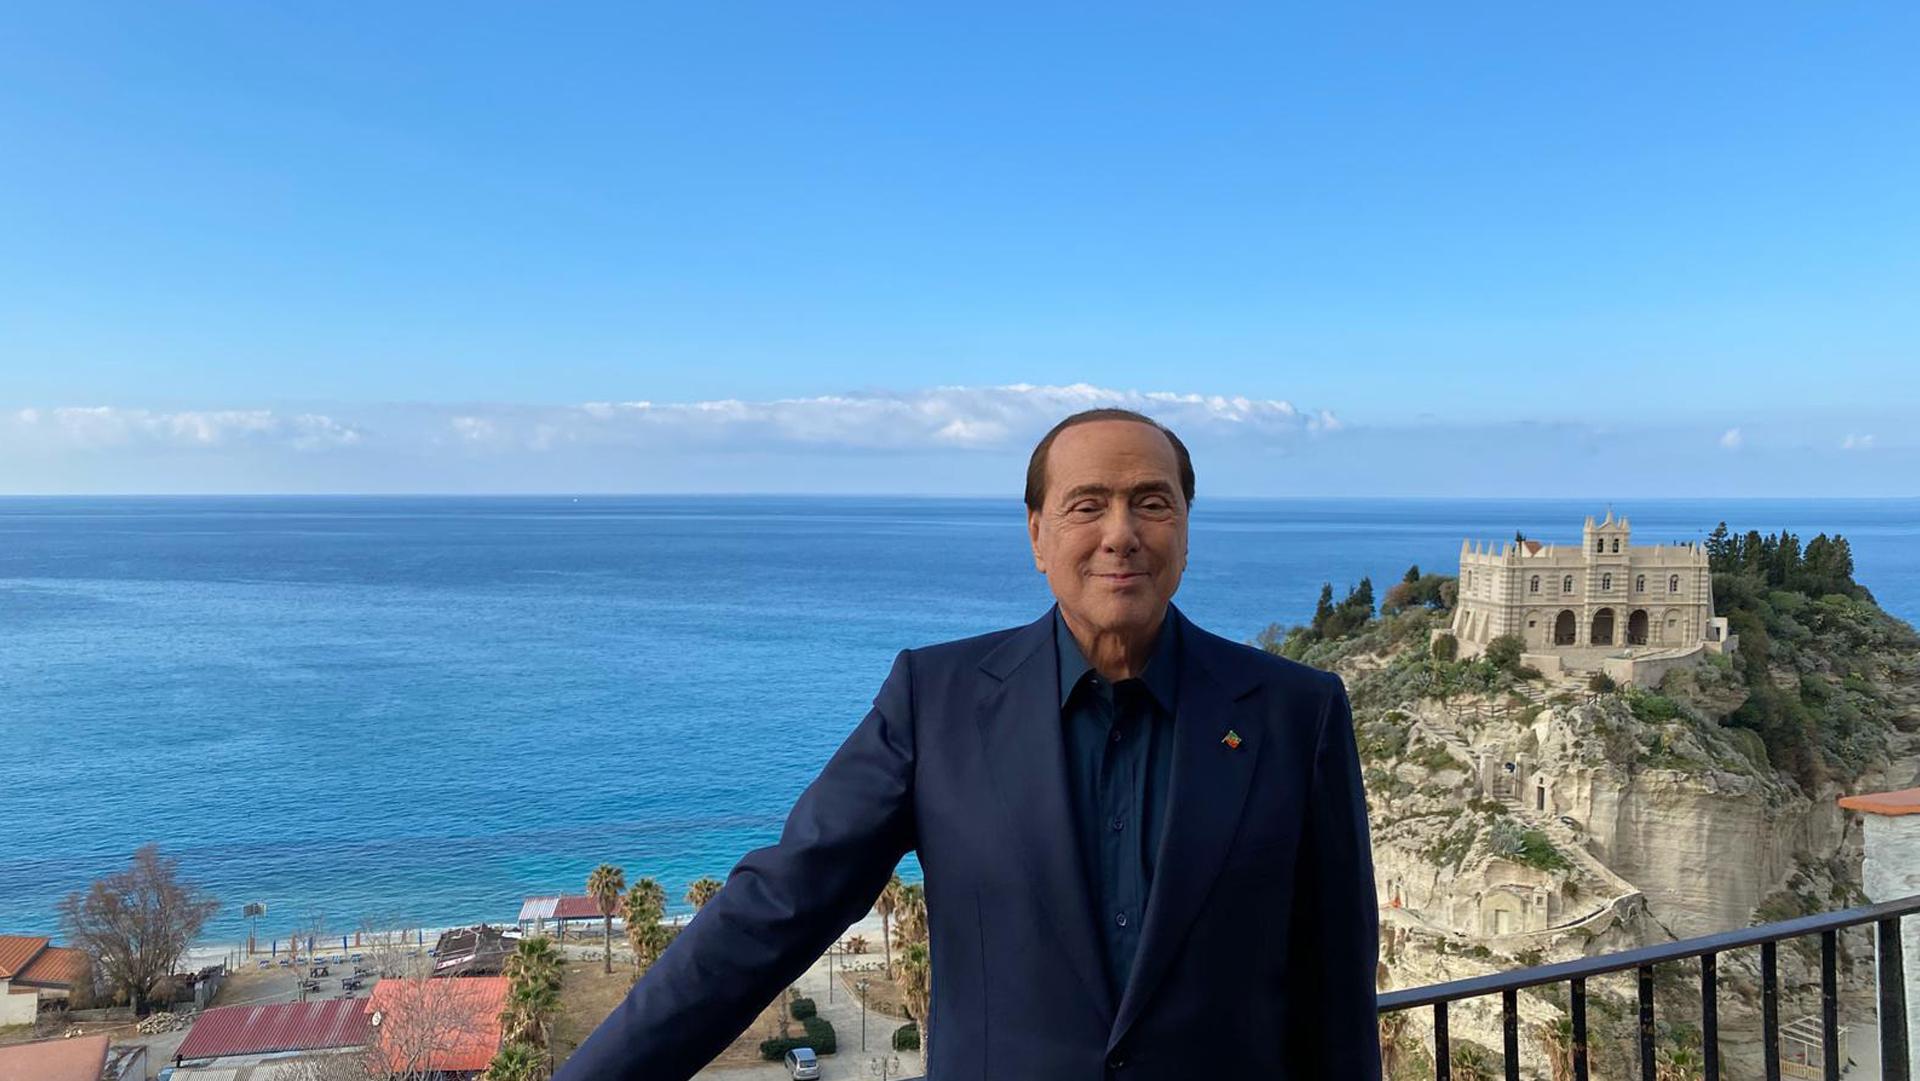 La salute precaria di Berlusconi, il caos tra i Cinque Stelle, le morti sul lavoro e le altre notizie della giornata